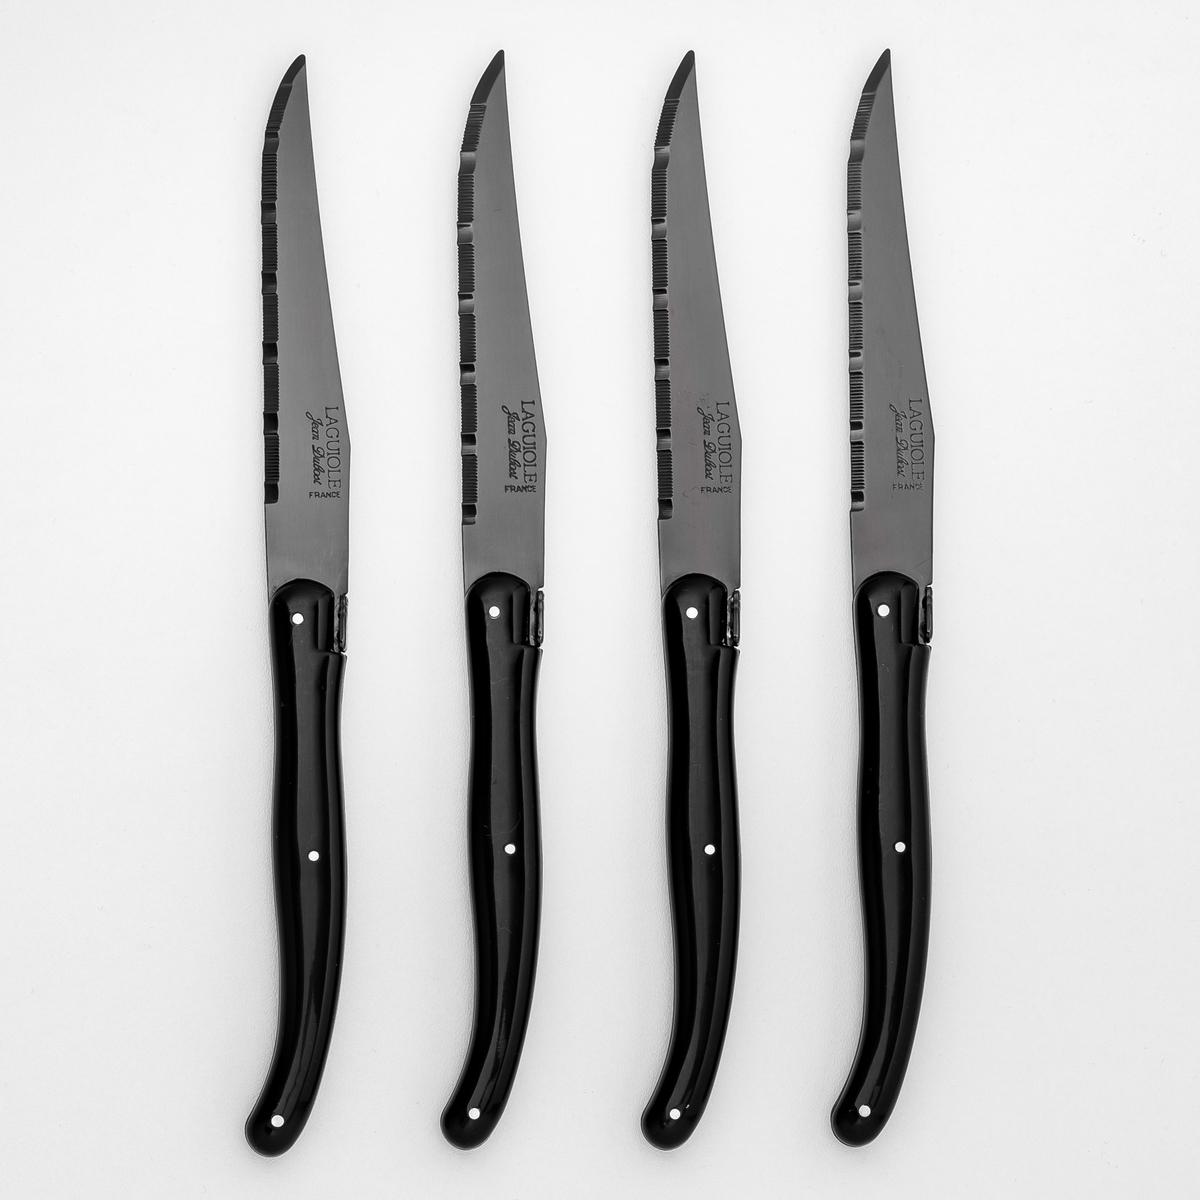 Нож для мяса с черным лезвием Laguiole Jean Dubost (комплект из 4 штук)4 ножа для мяса « New Age » Laguiole Jean Dubost. Рукоятка из пластика ABS черного блестящего цвета. Тонкое лезвие из нержавеющей стали толщ. 1,2 мм, покрытое пленкой черного цвета при очень высокой температуре . Можно мыть в посудомоечной машине. Сделано вручную во Франции .<br><br>Цвет: черный